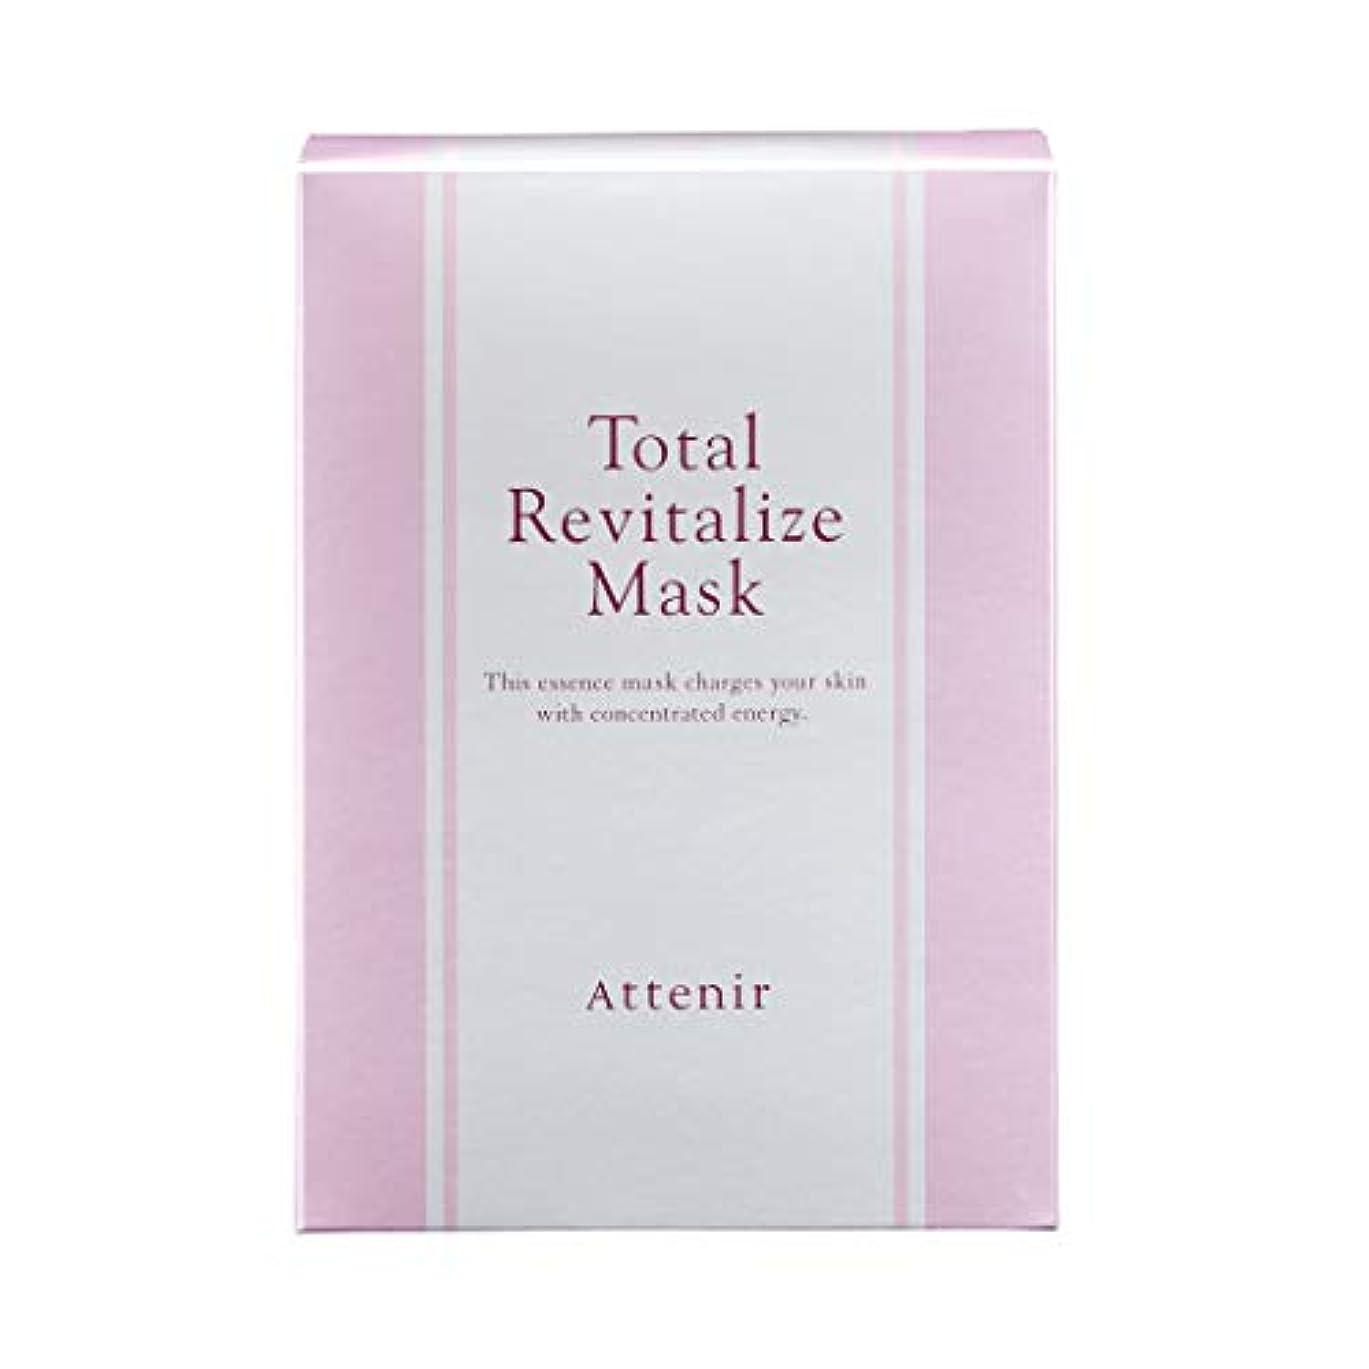 世辞領収書タイピストアテニア トータルリヴァイタライズ マスク肌疲労ケアシートマスク 全顔用 6包入り